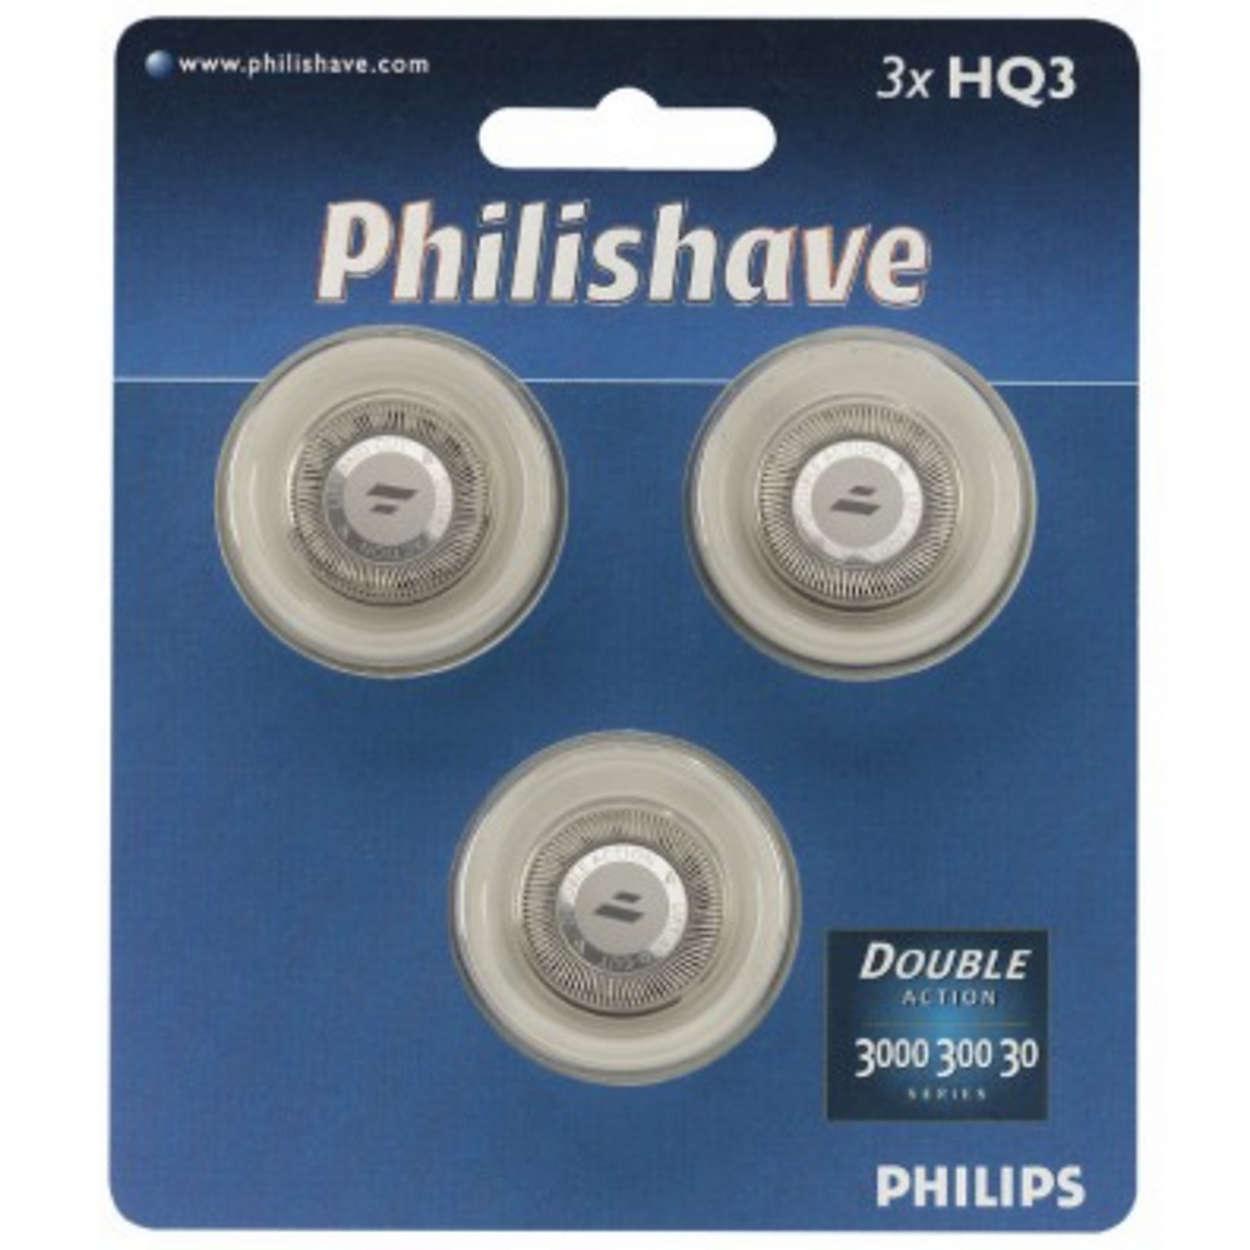 Pour têtes de rasoir DoubleAction et séries3000, 300 et30